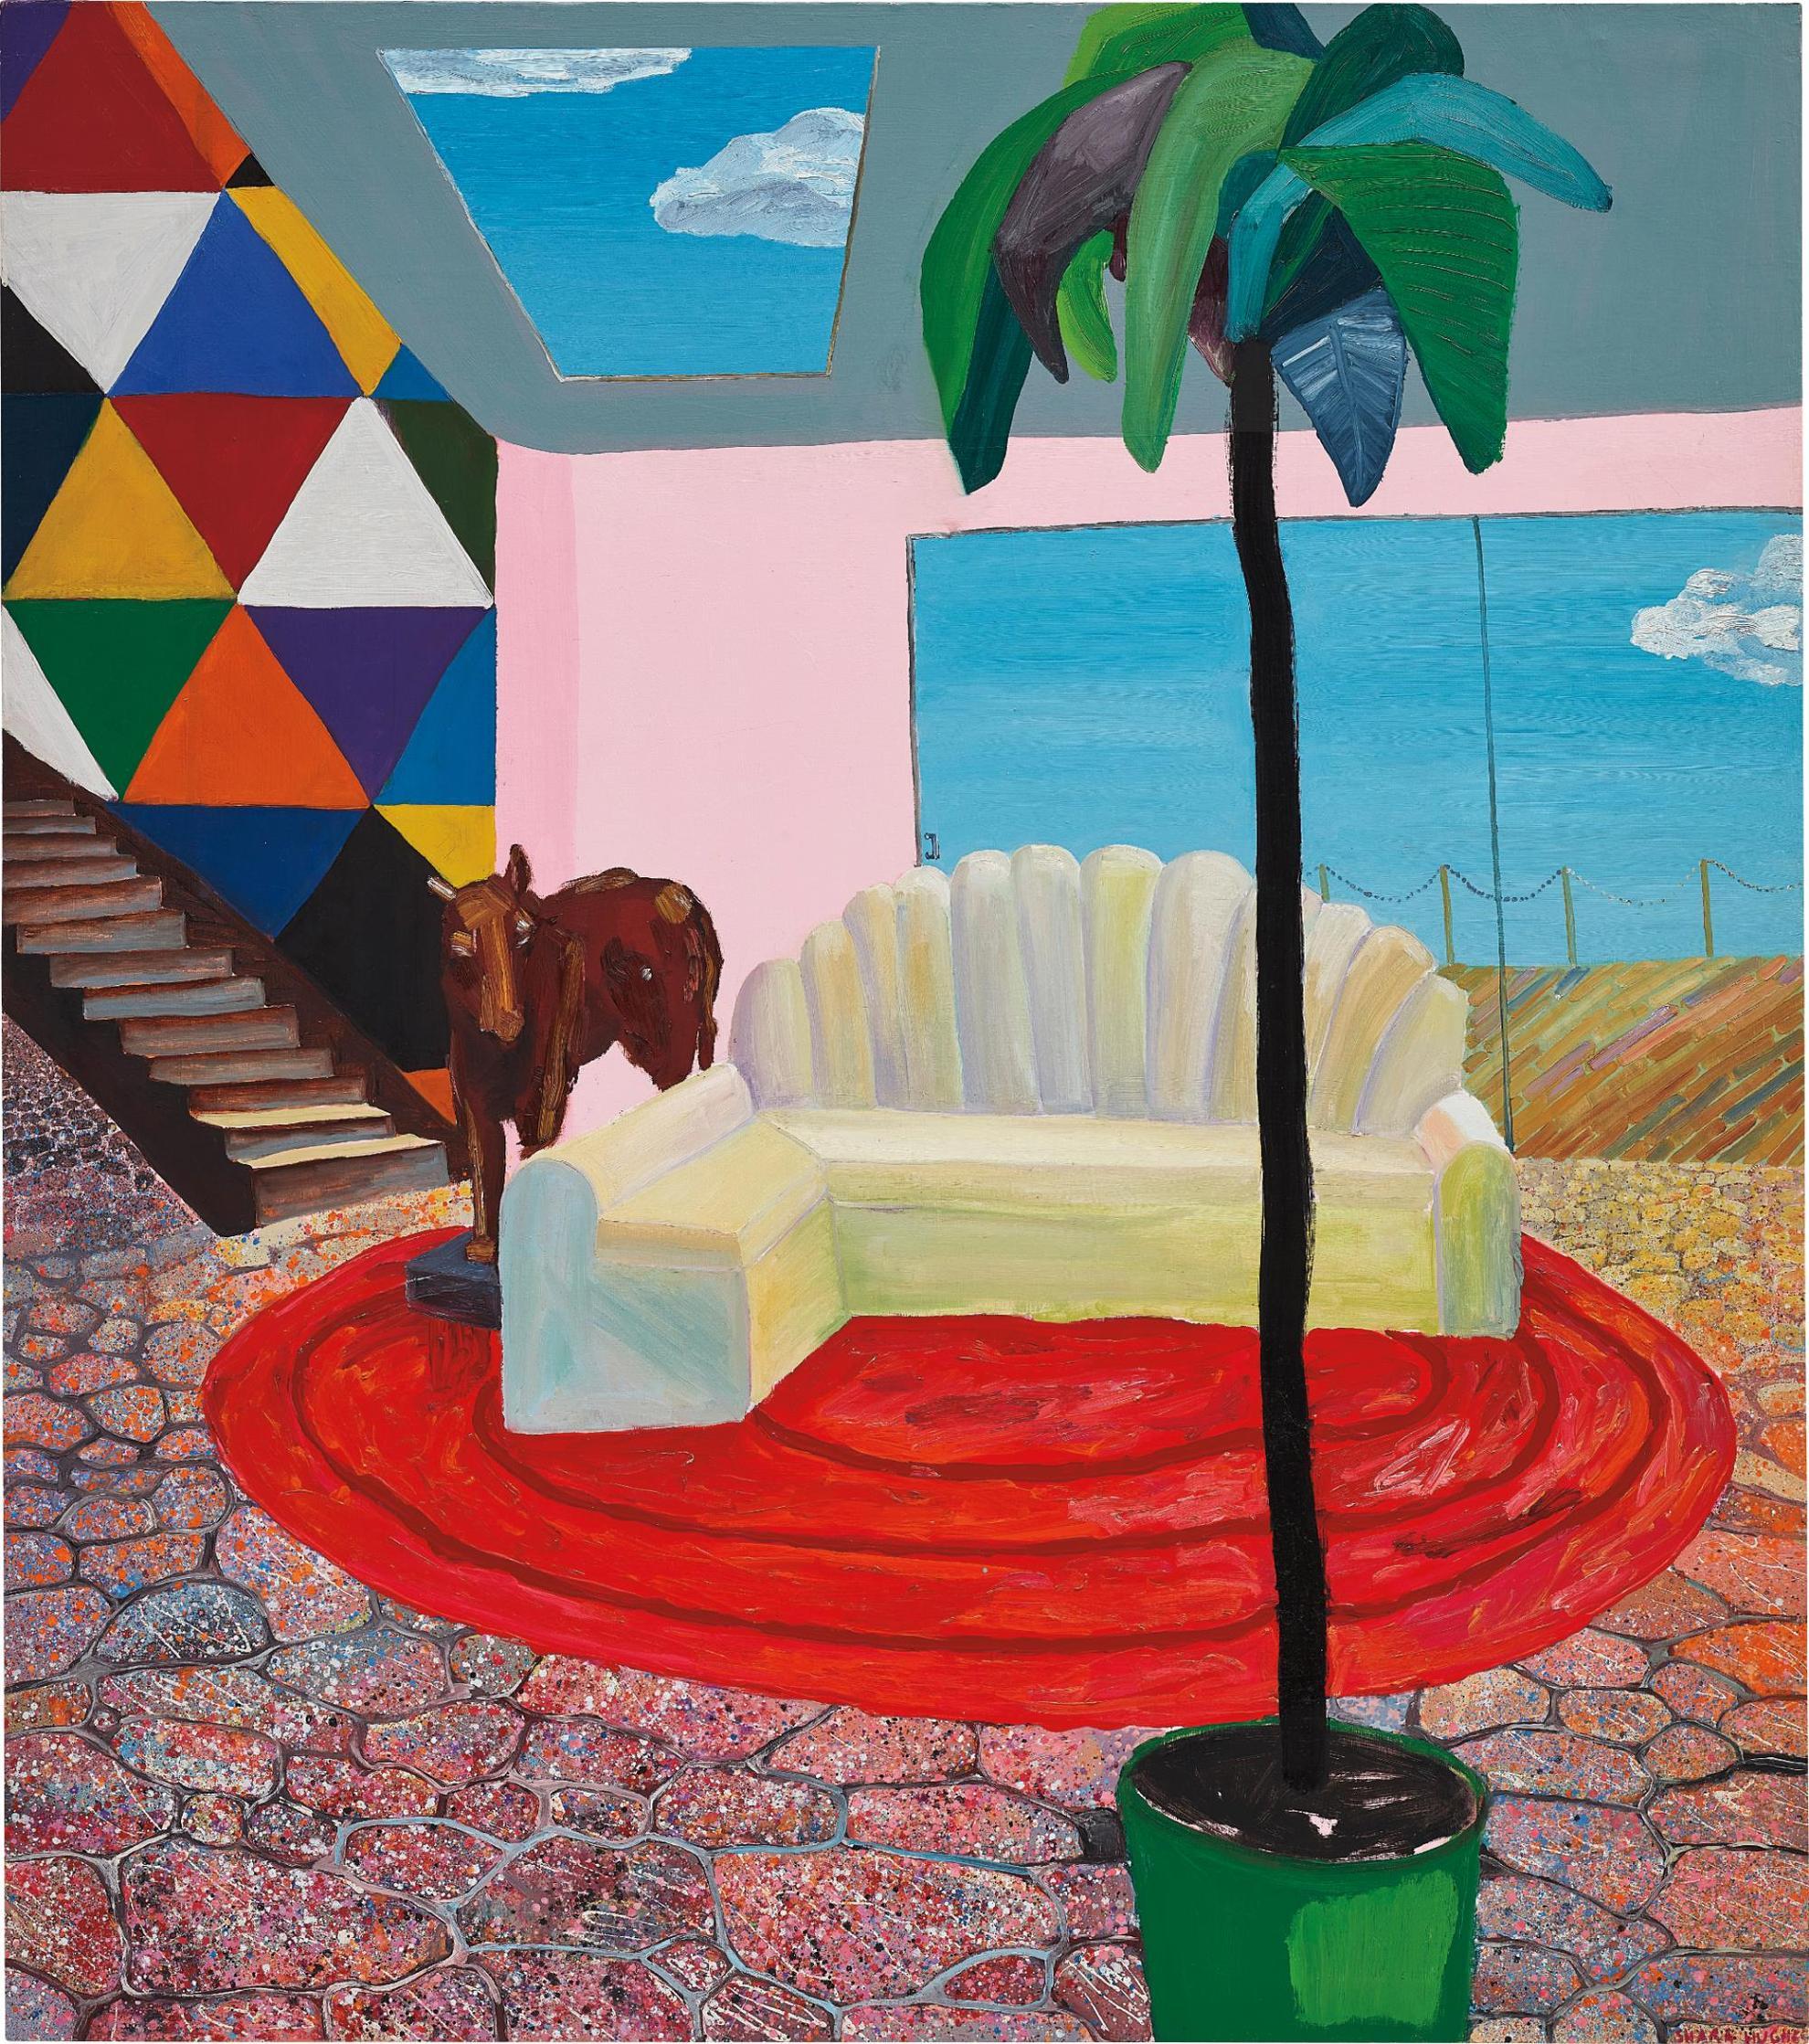 Shara Hughes-Untitled-2005